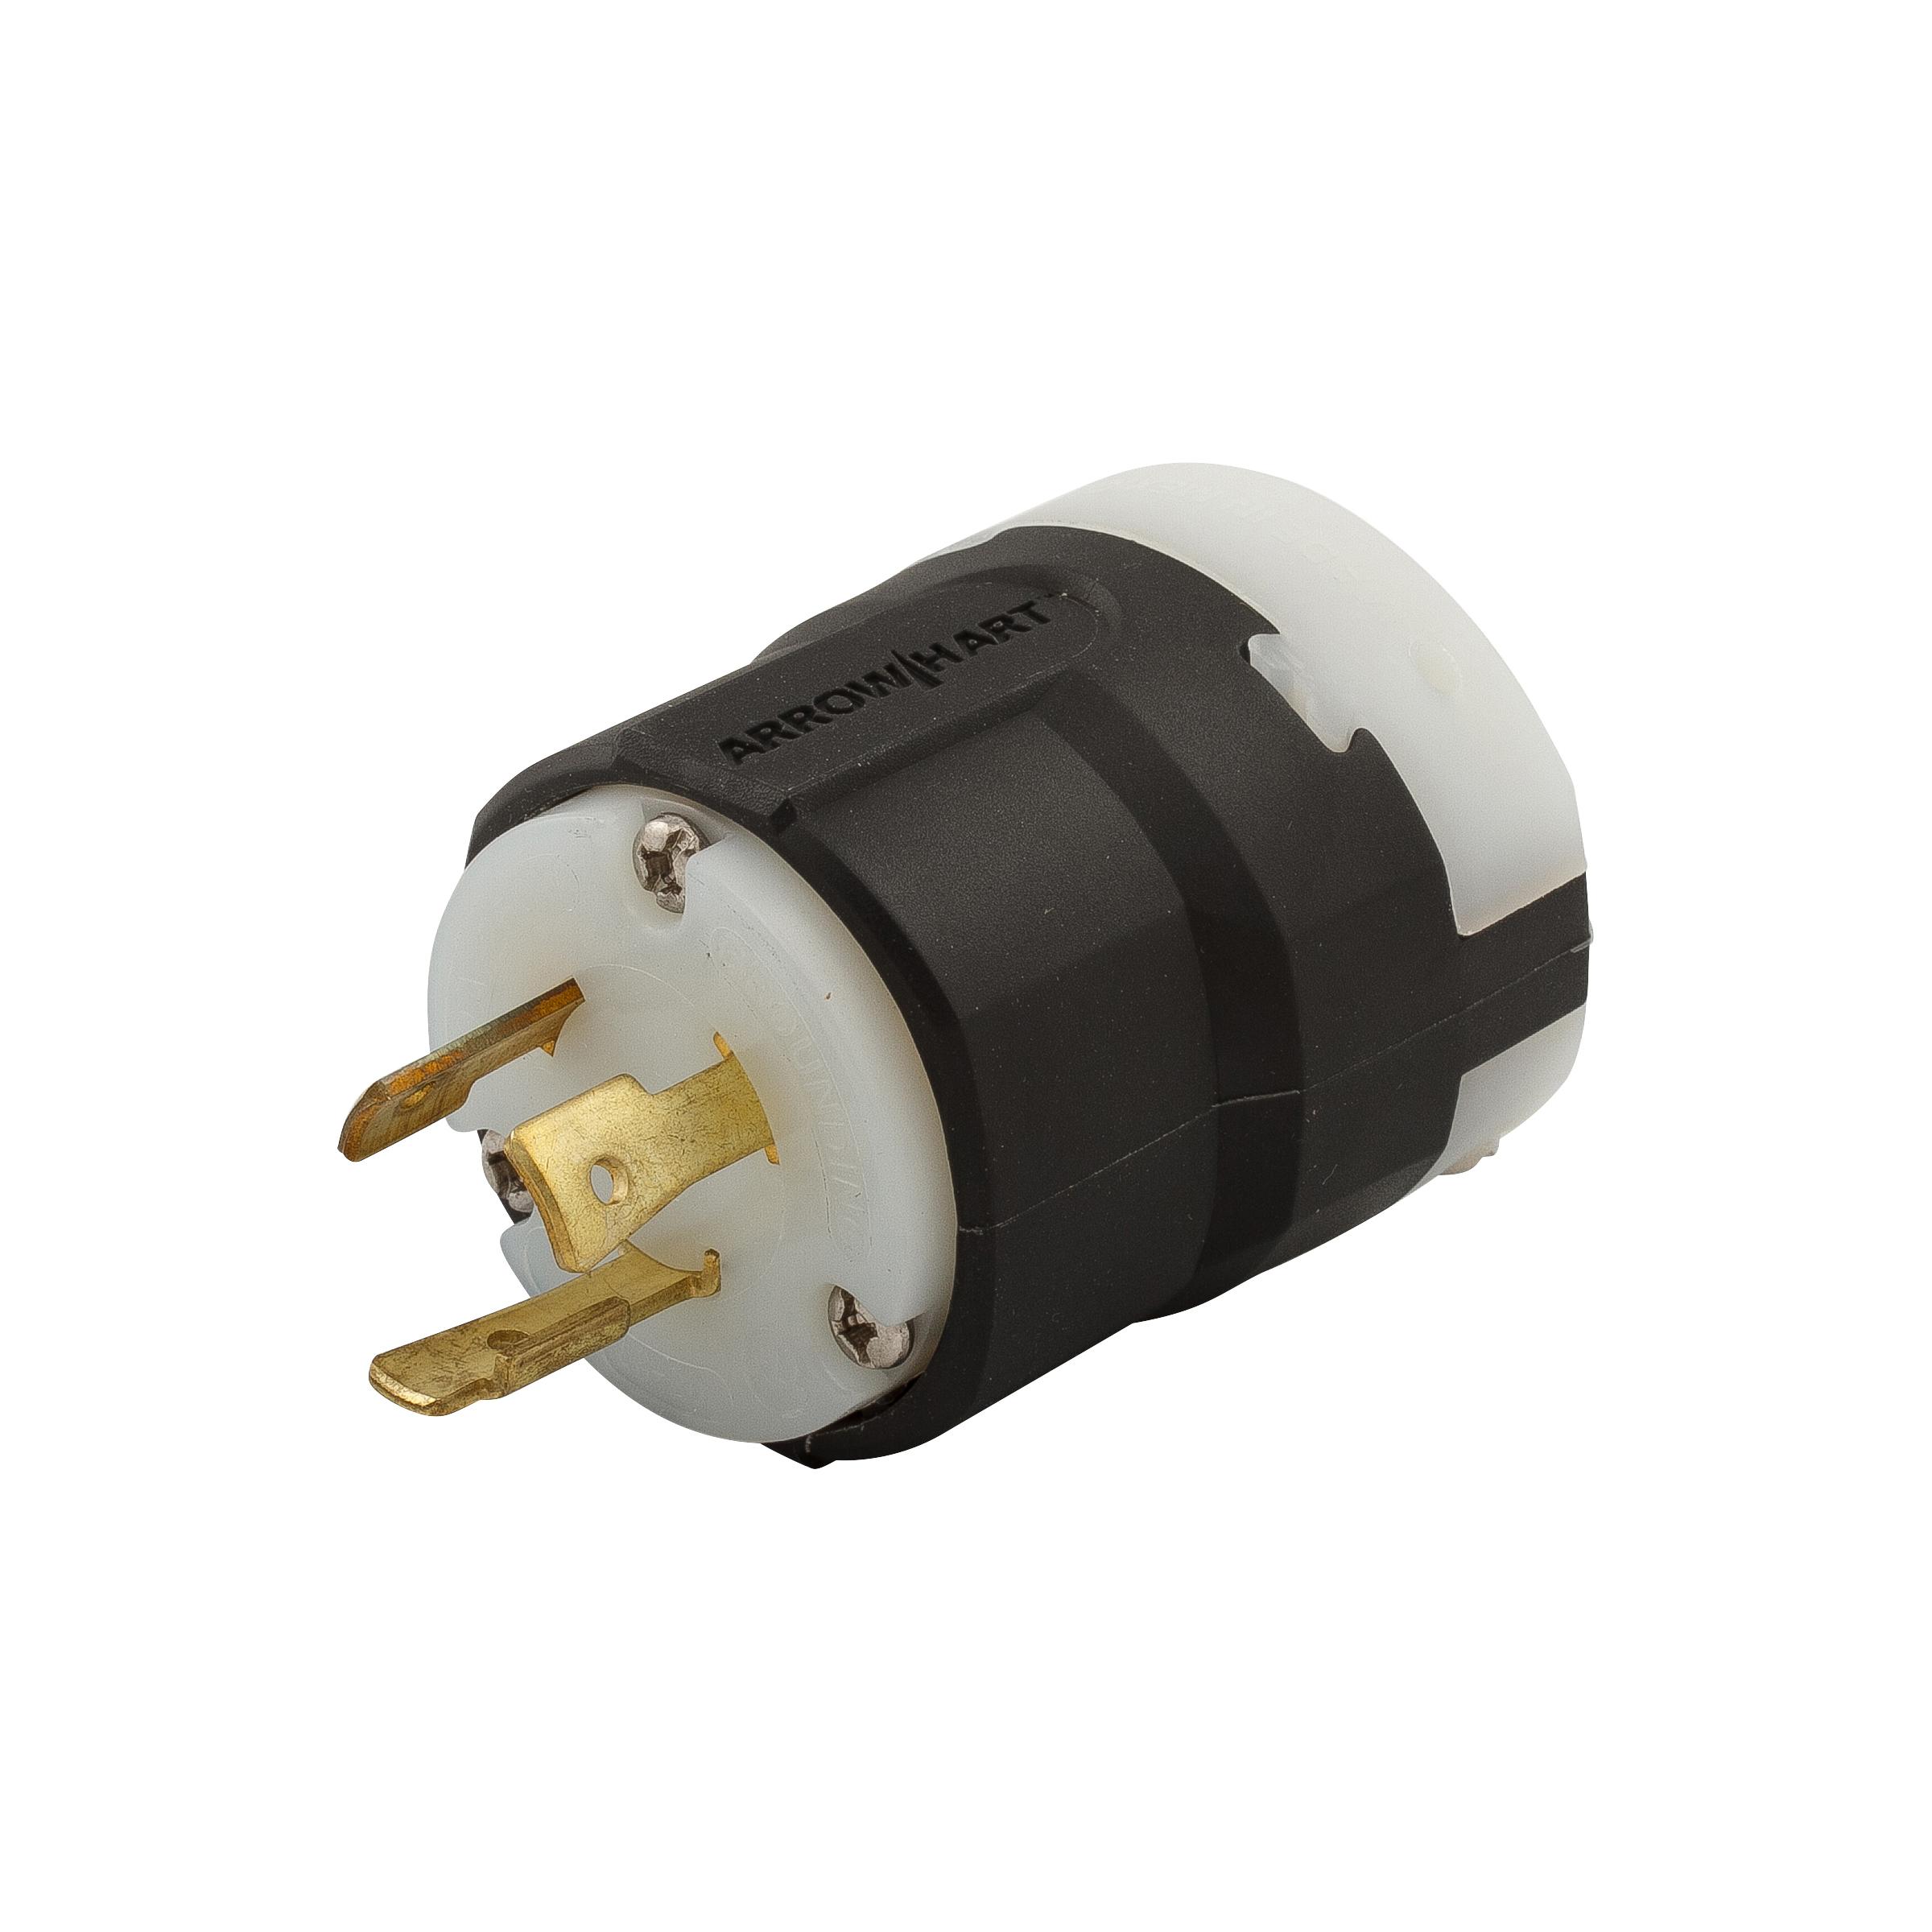 AHL620P_L  Amp Plug Wiring Diagram V on turnlok plug, 240v plug, extension cord, 120 volt outlet, 250 volt plug, 2 pole 120 volt breaker, electrical plug,